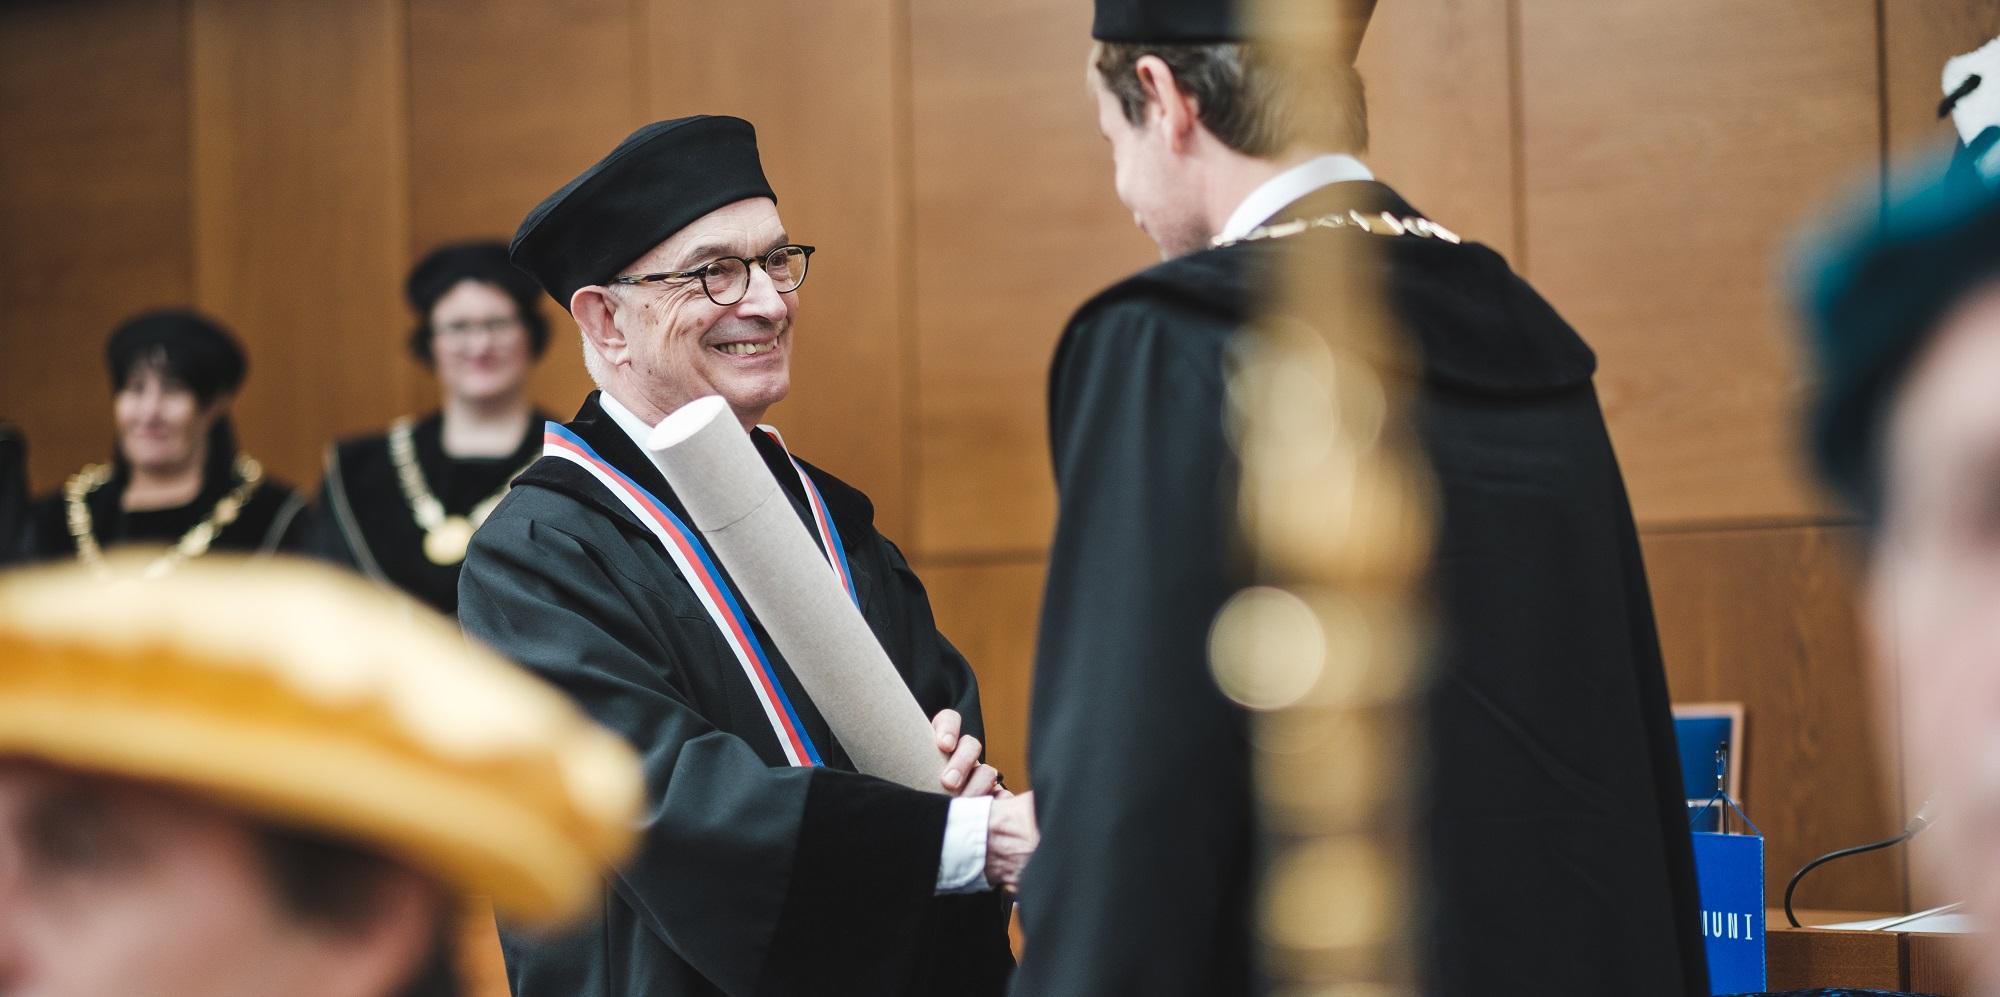 Foto: Čestný doktorát Masarykovy univerzity převzal Michael P. Seng